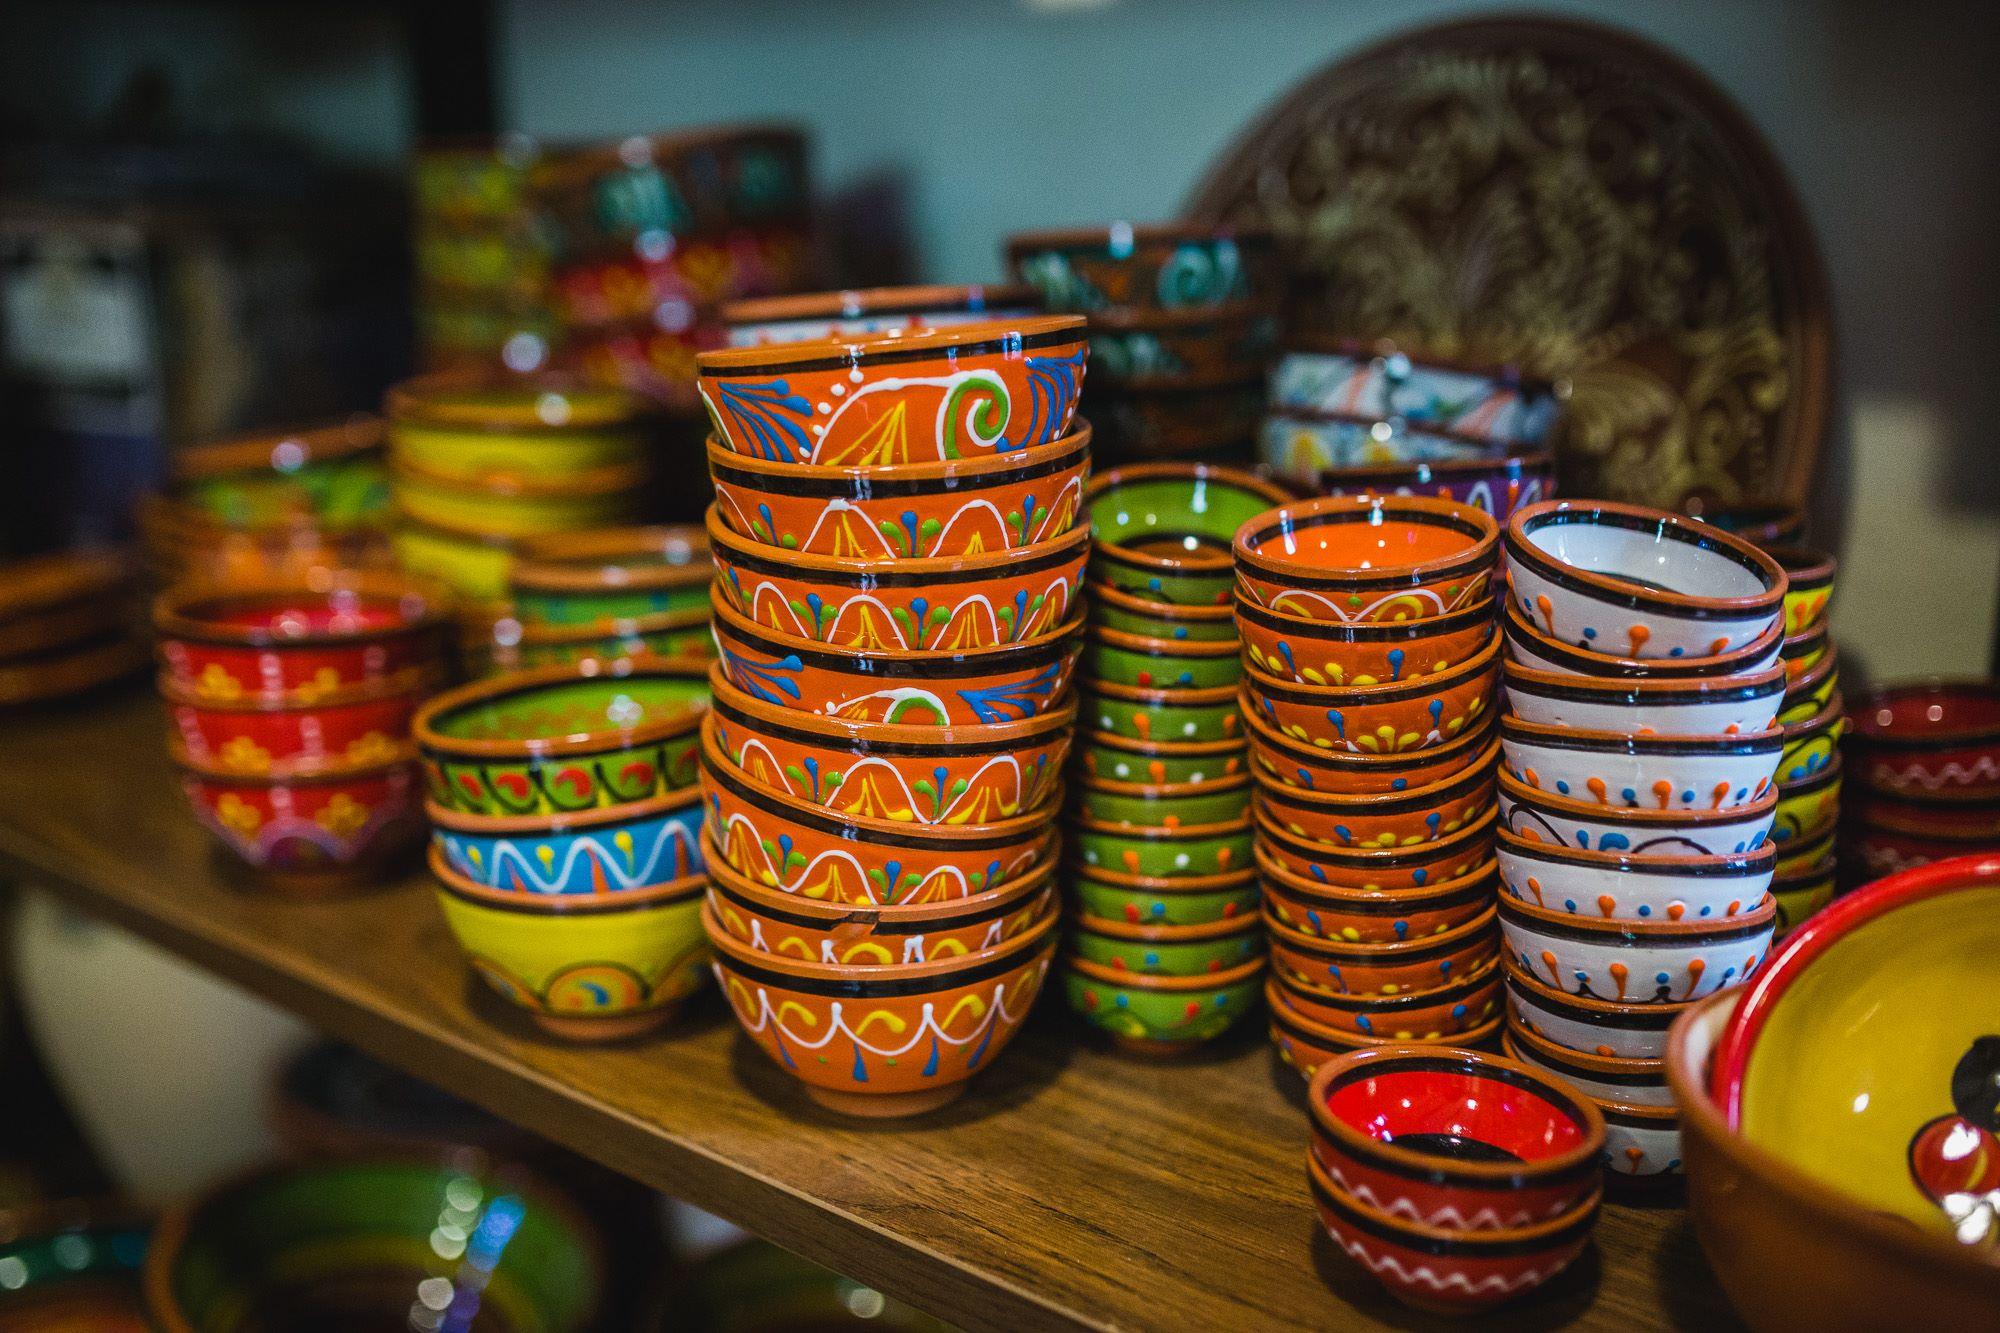 Los puestos de artesanía y de aperitivos son, con las casas rurales, un reflejo de la nueva vida de Priego más enfocada al turismo.